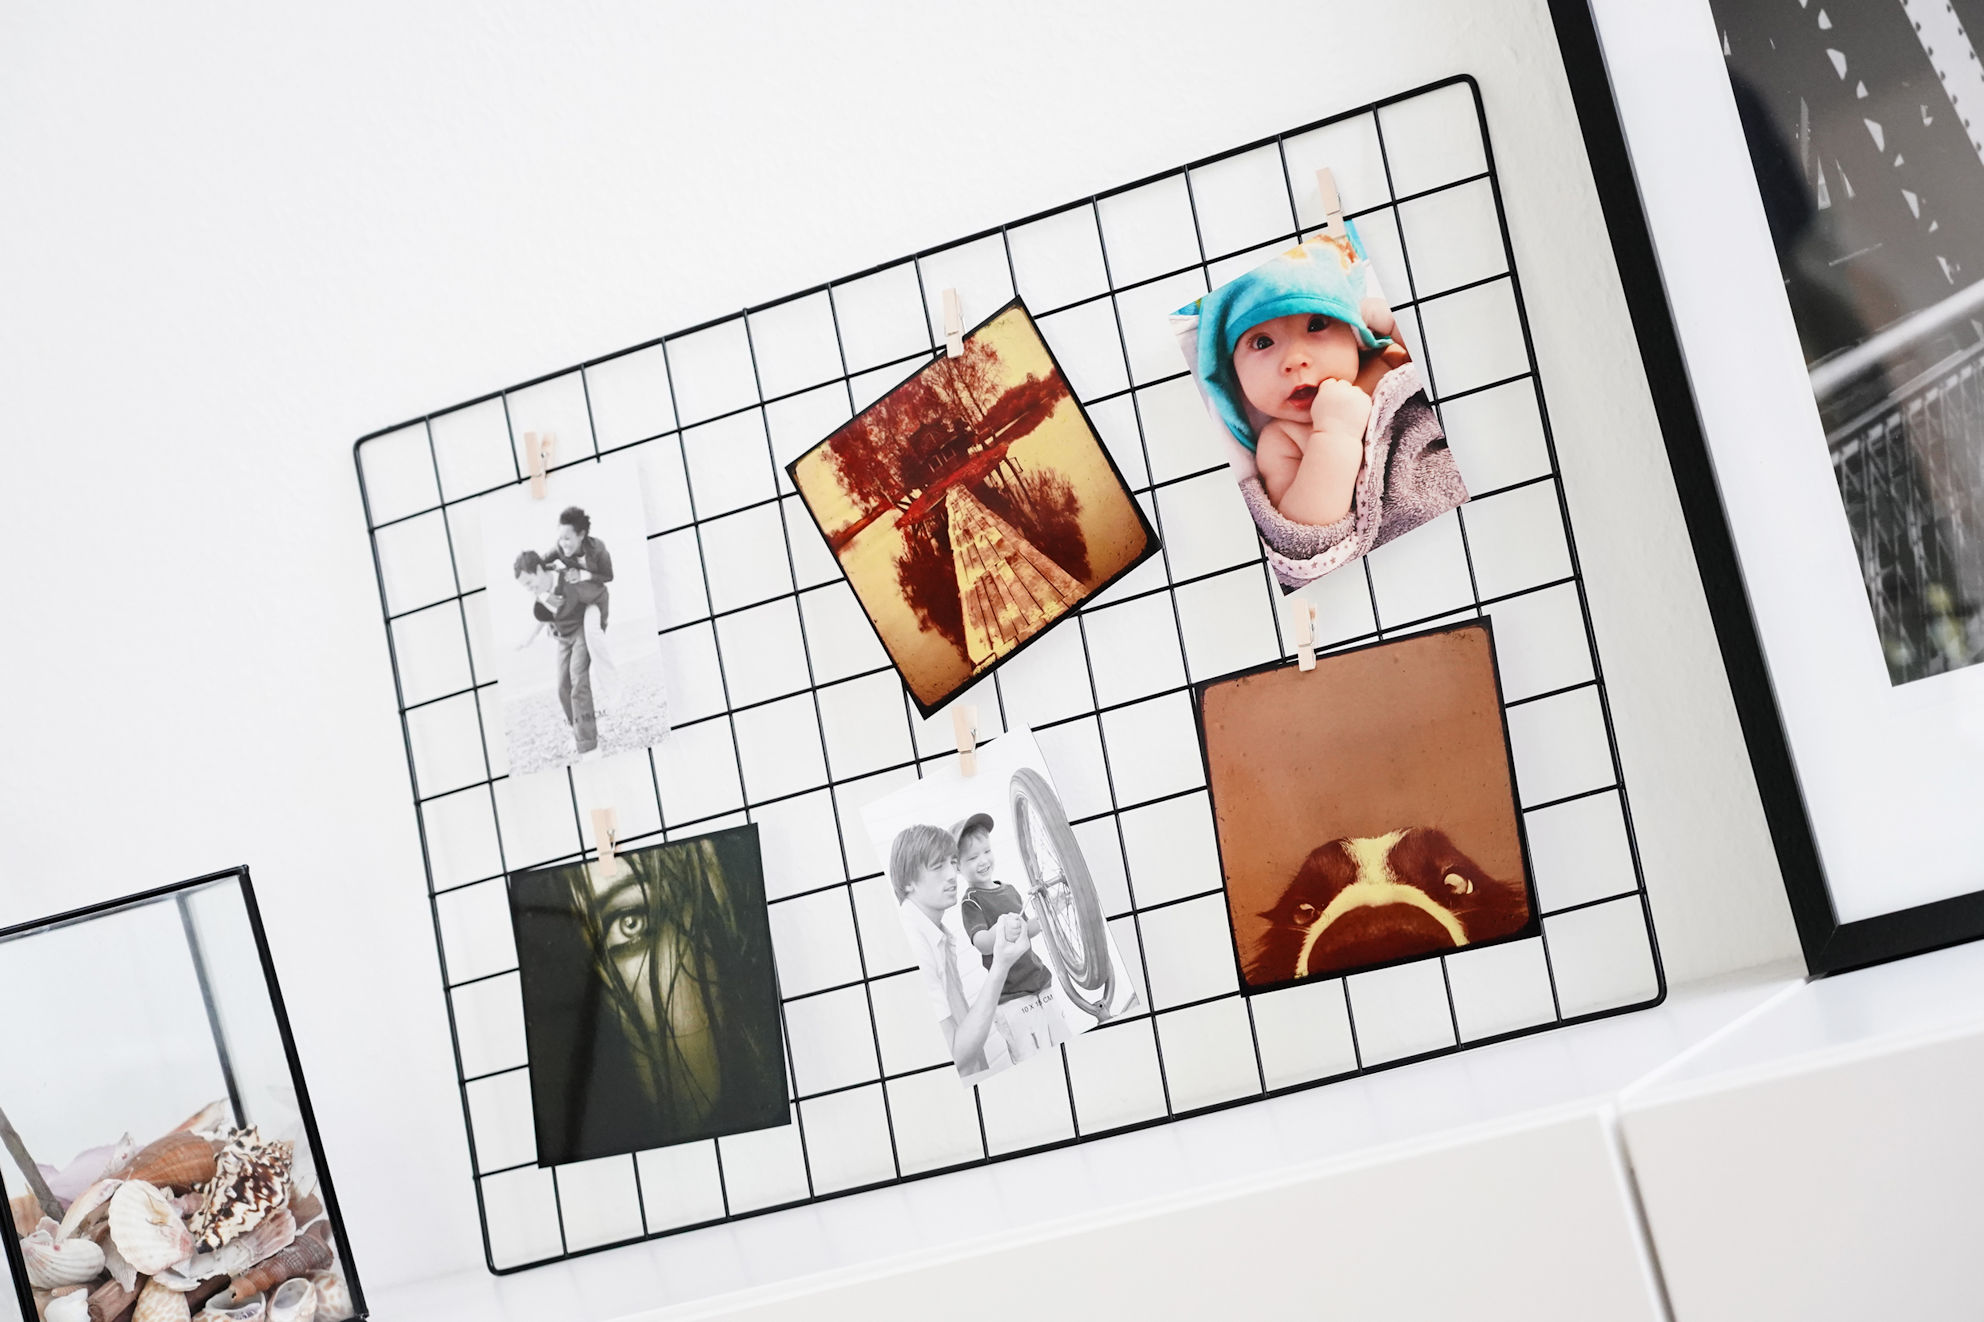 metall gitter fotorahmen 6 holz klammern 65x45 cm fotohalter bilderrahmen ebay. Black Bedroom Furniture Sets. Home Design Ideas